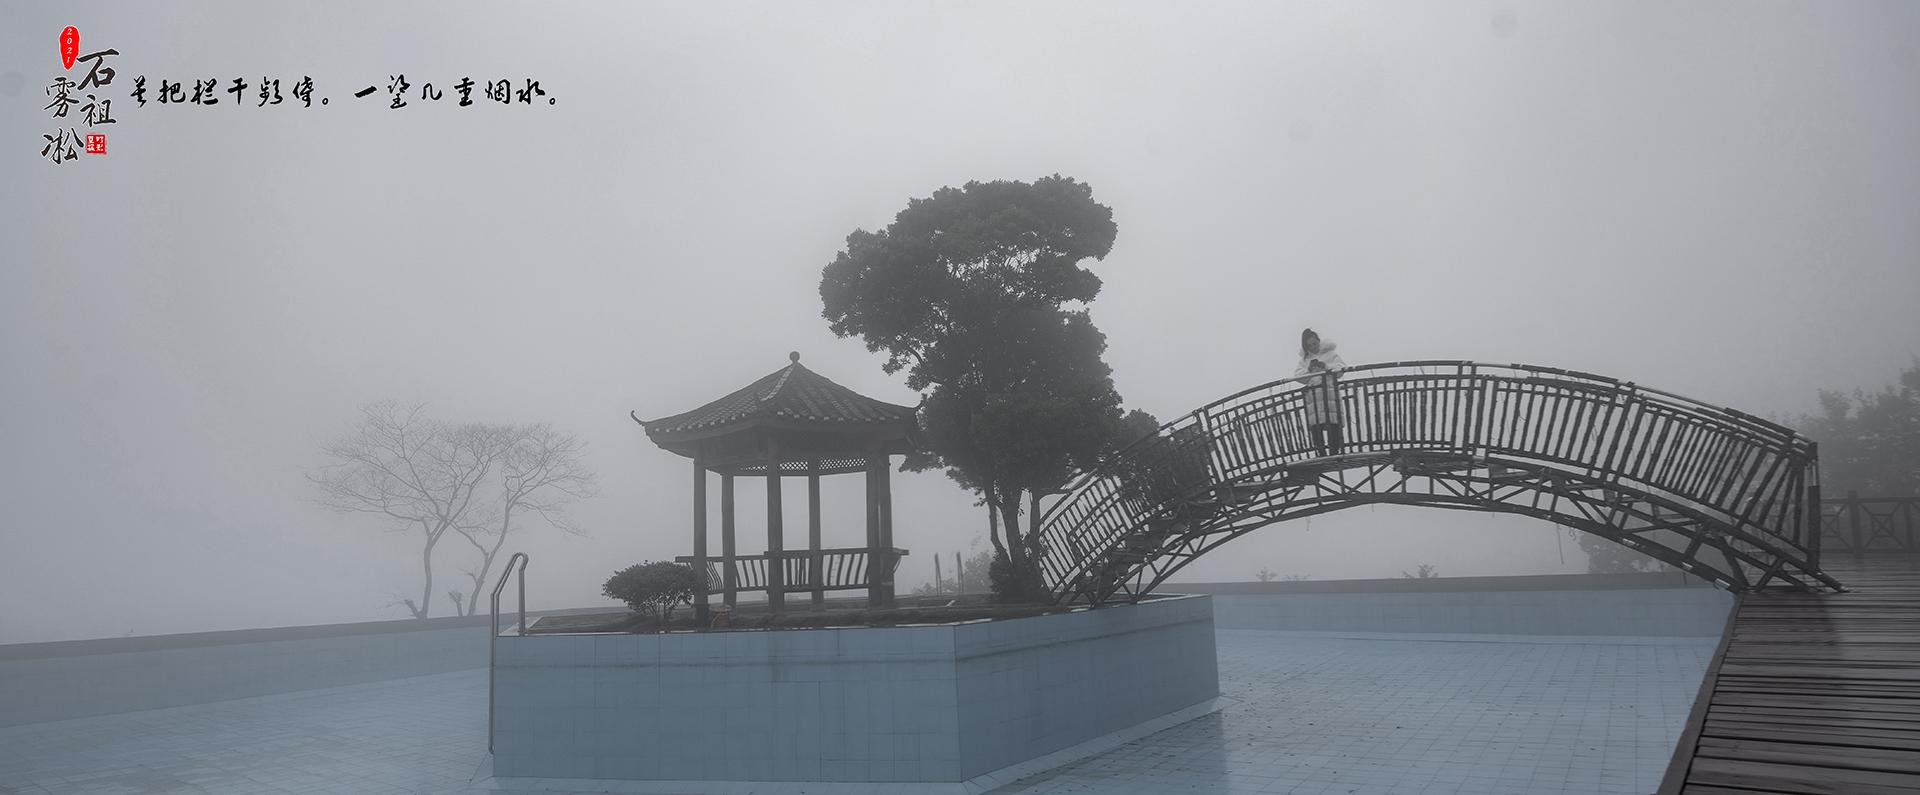 20210108石祖雾淞美景艺术1.jpg